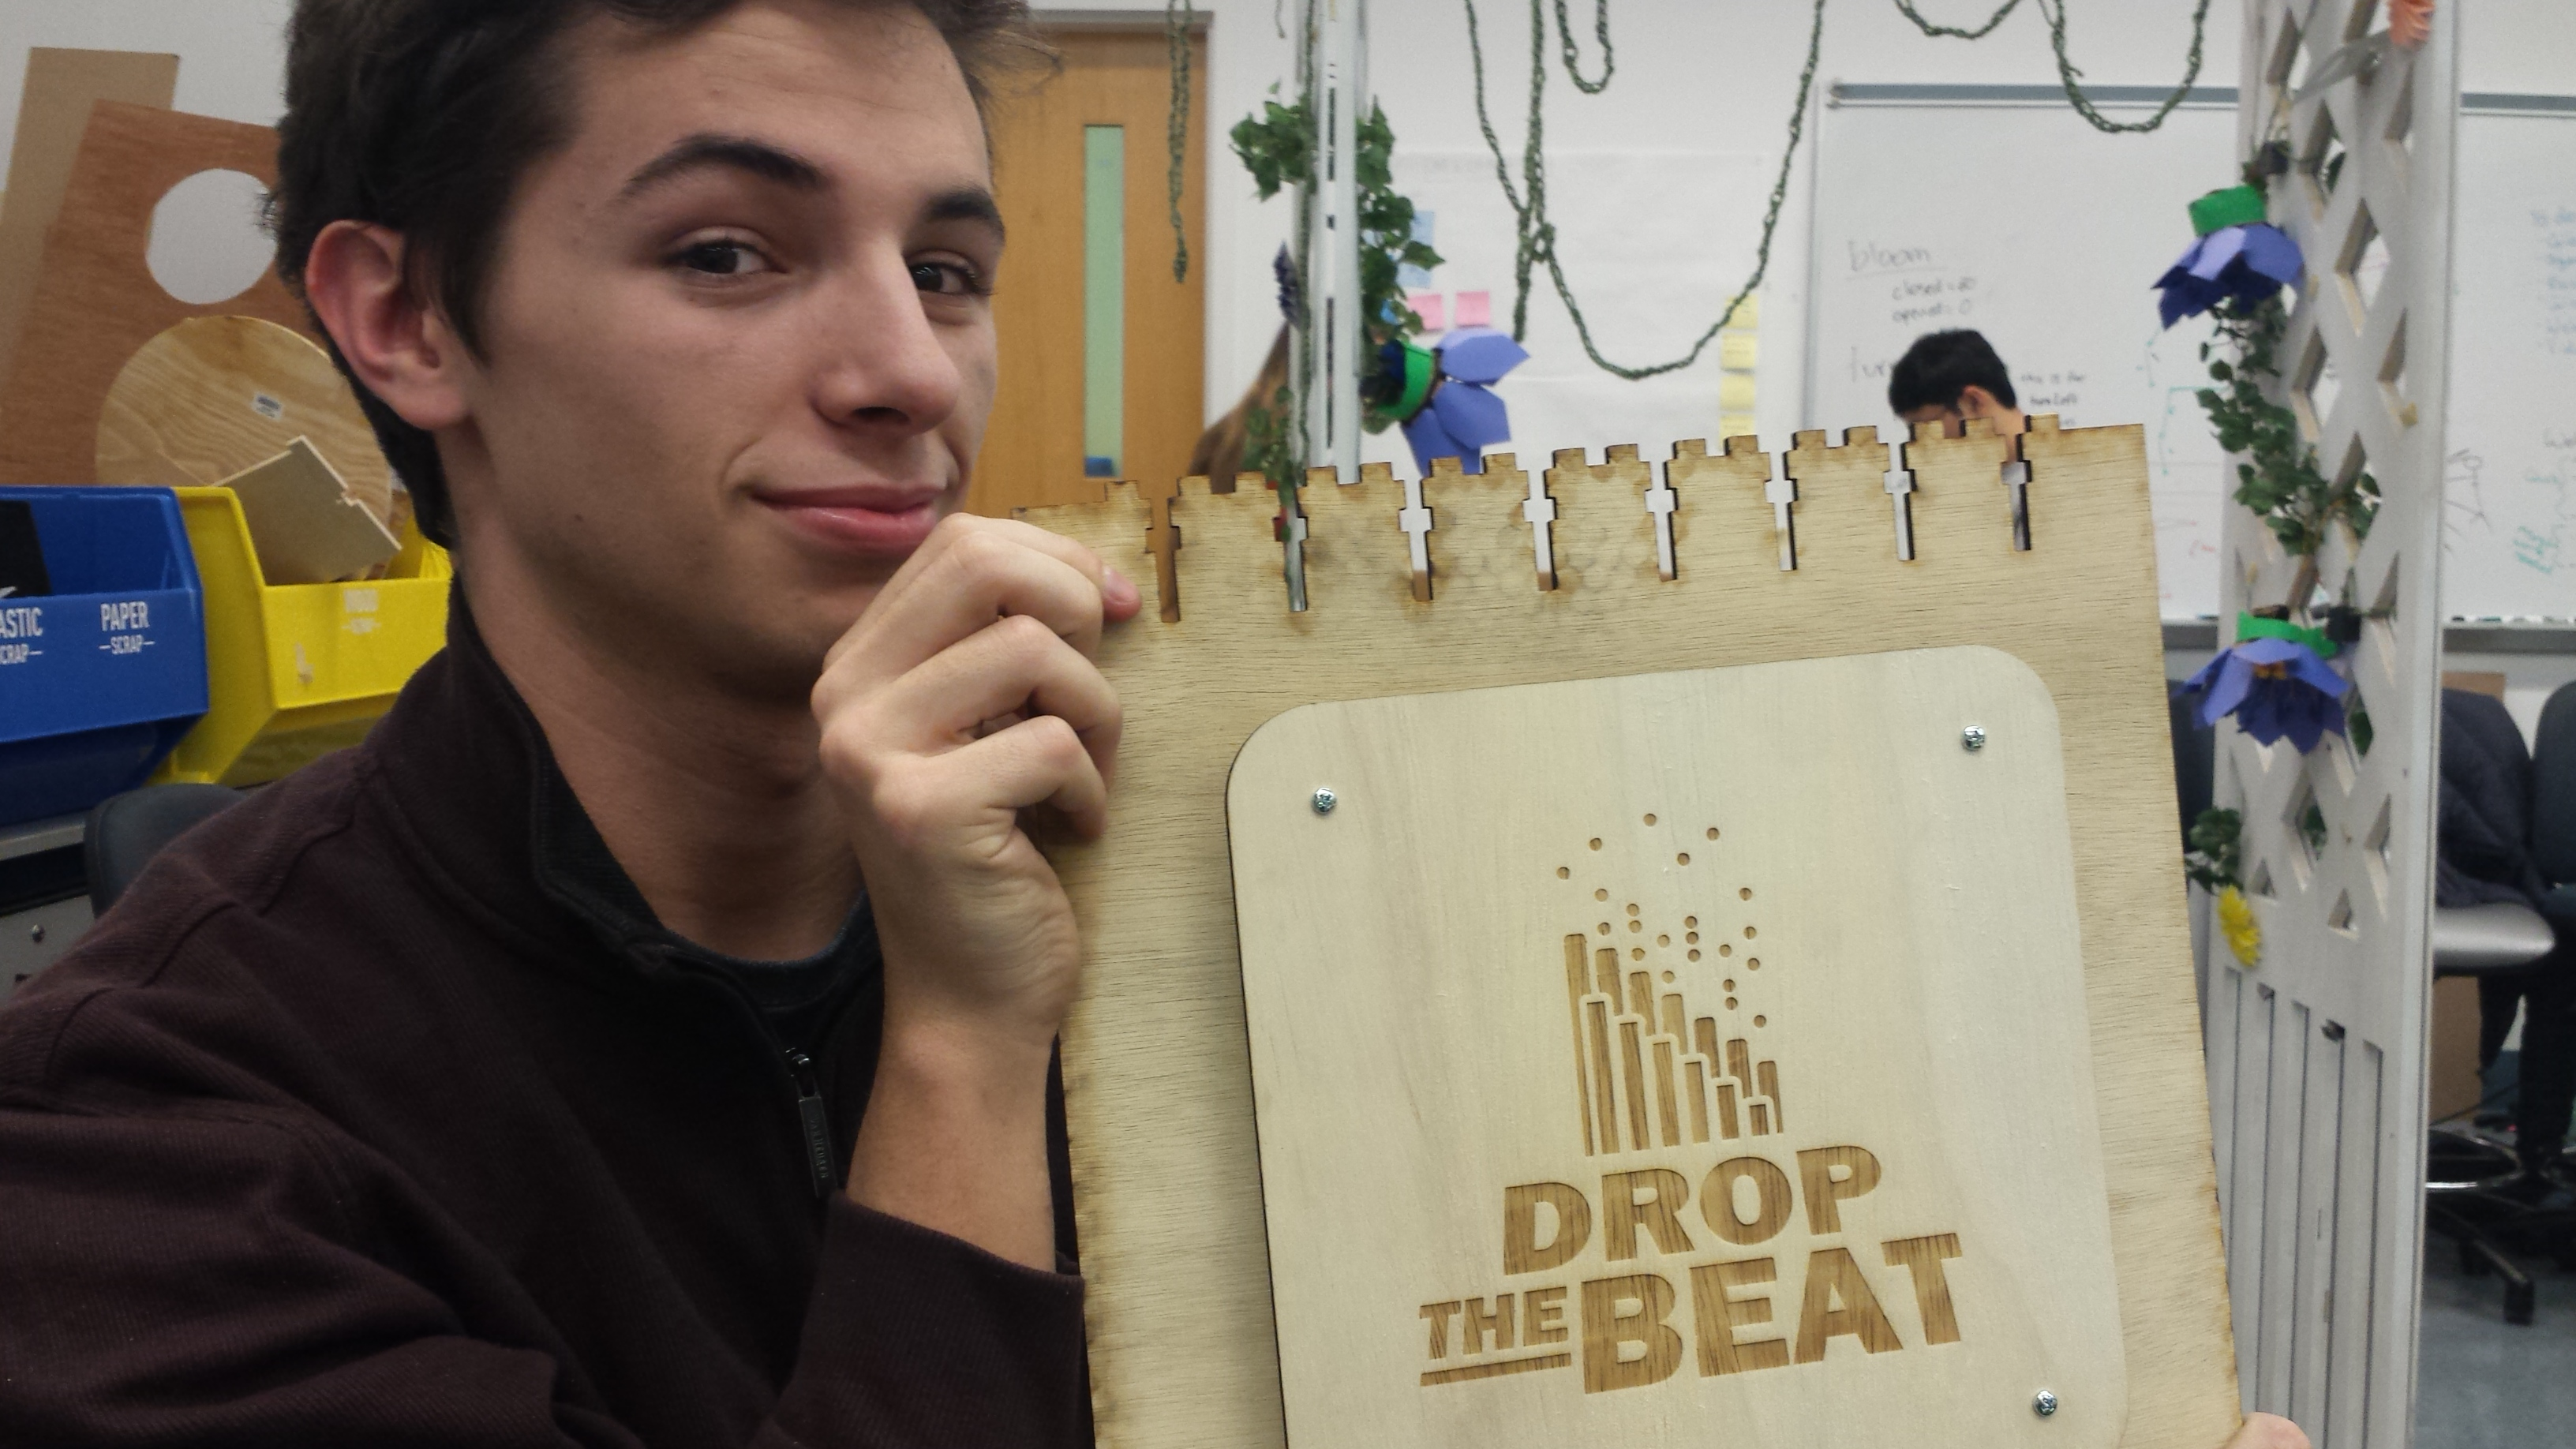 DroptheBeat